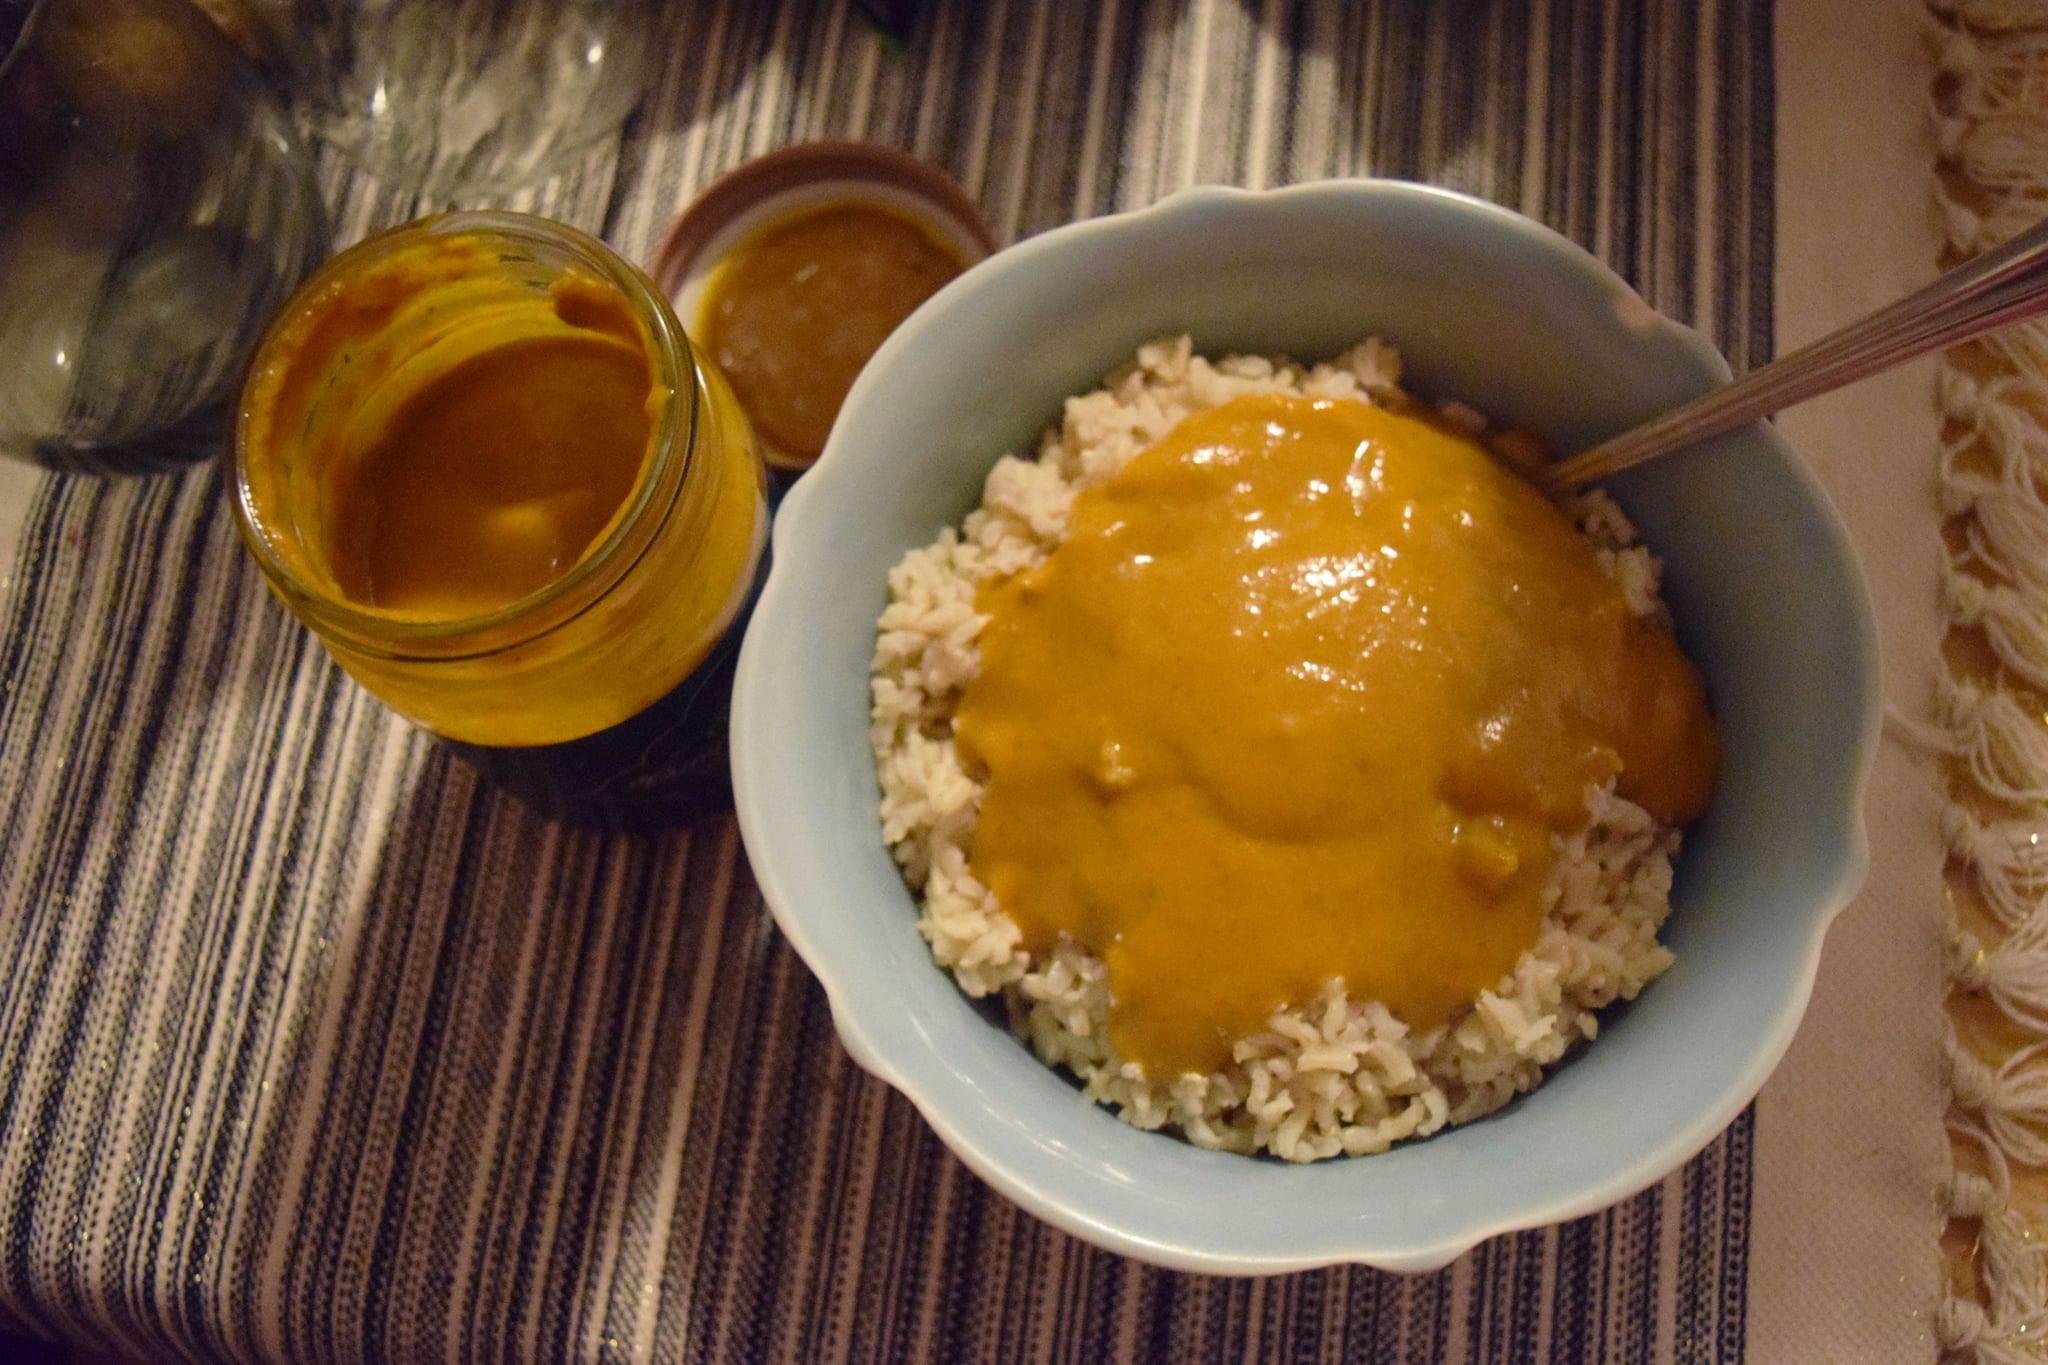 tmp_rVgXQW_7449cb88bf4fceec_curry2.jpg